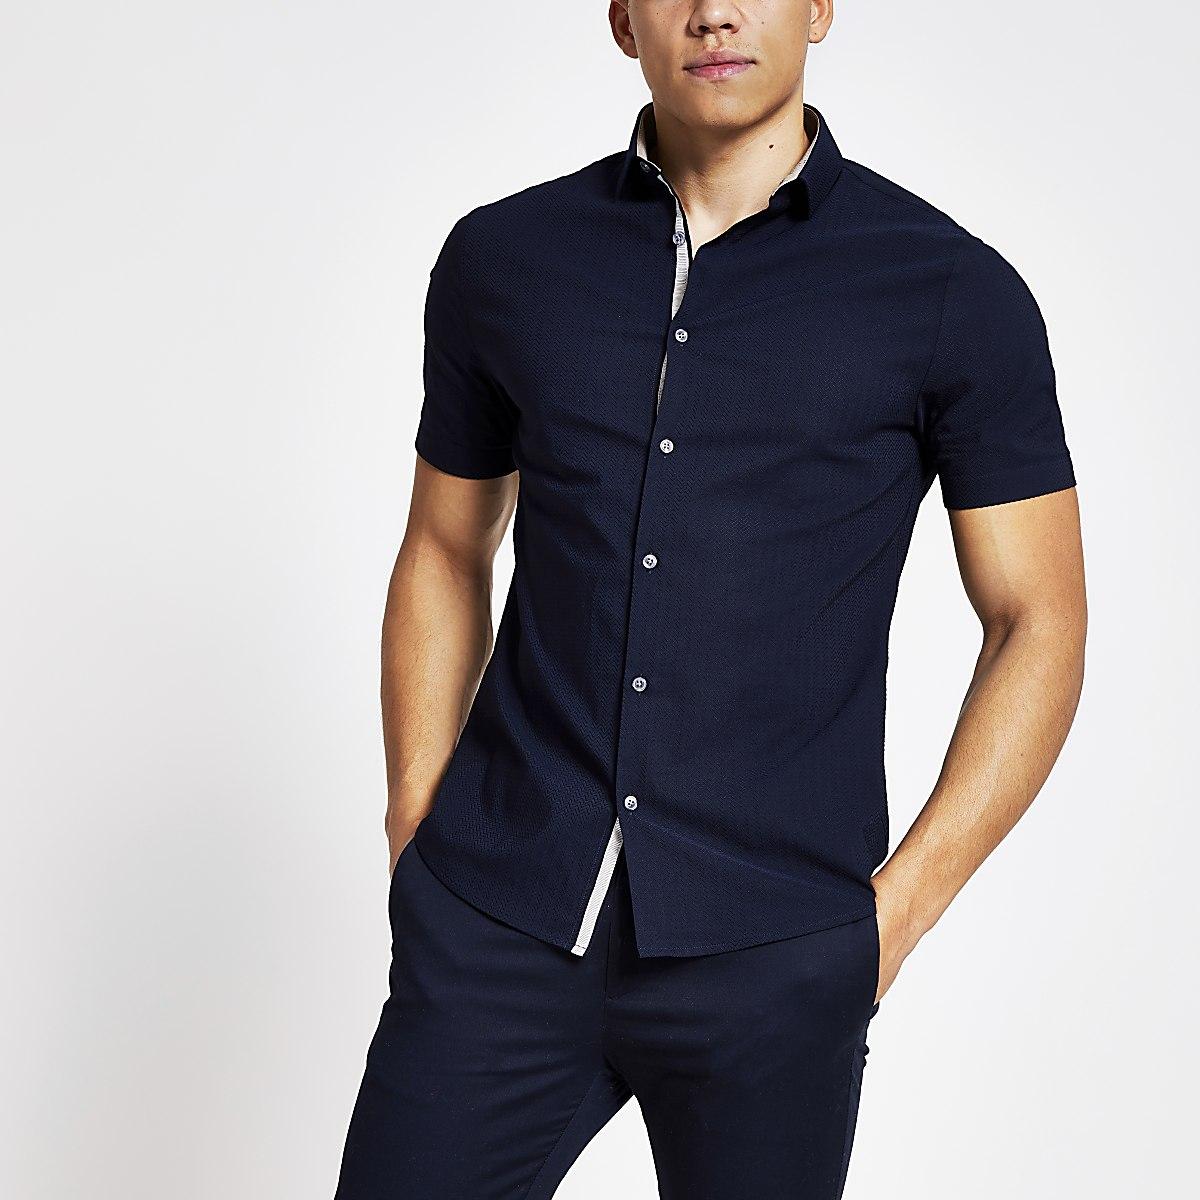 Chemise slim texturée bleu marine à manches courtes